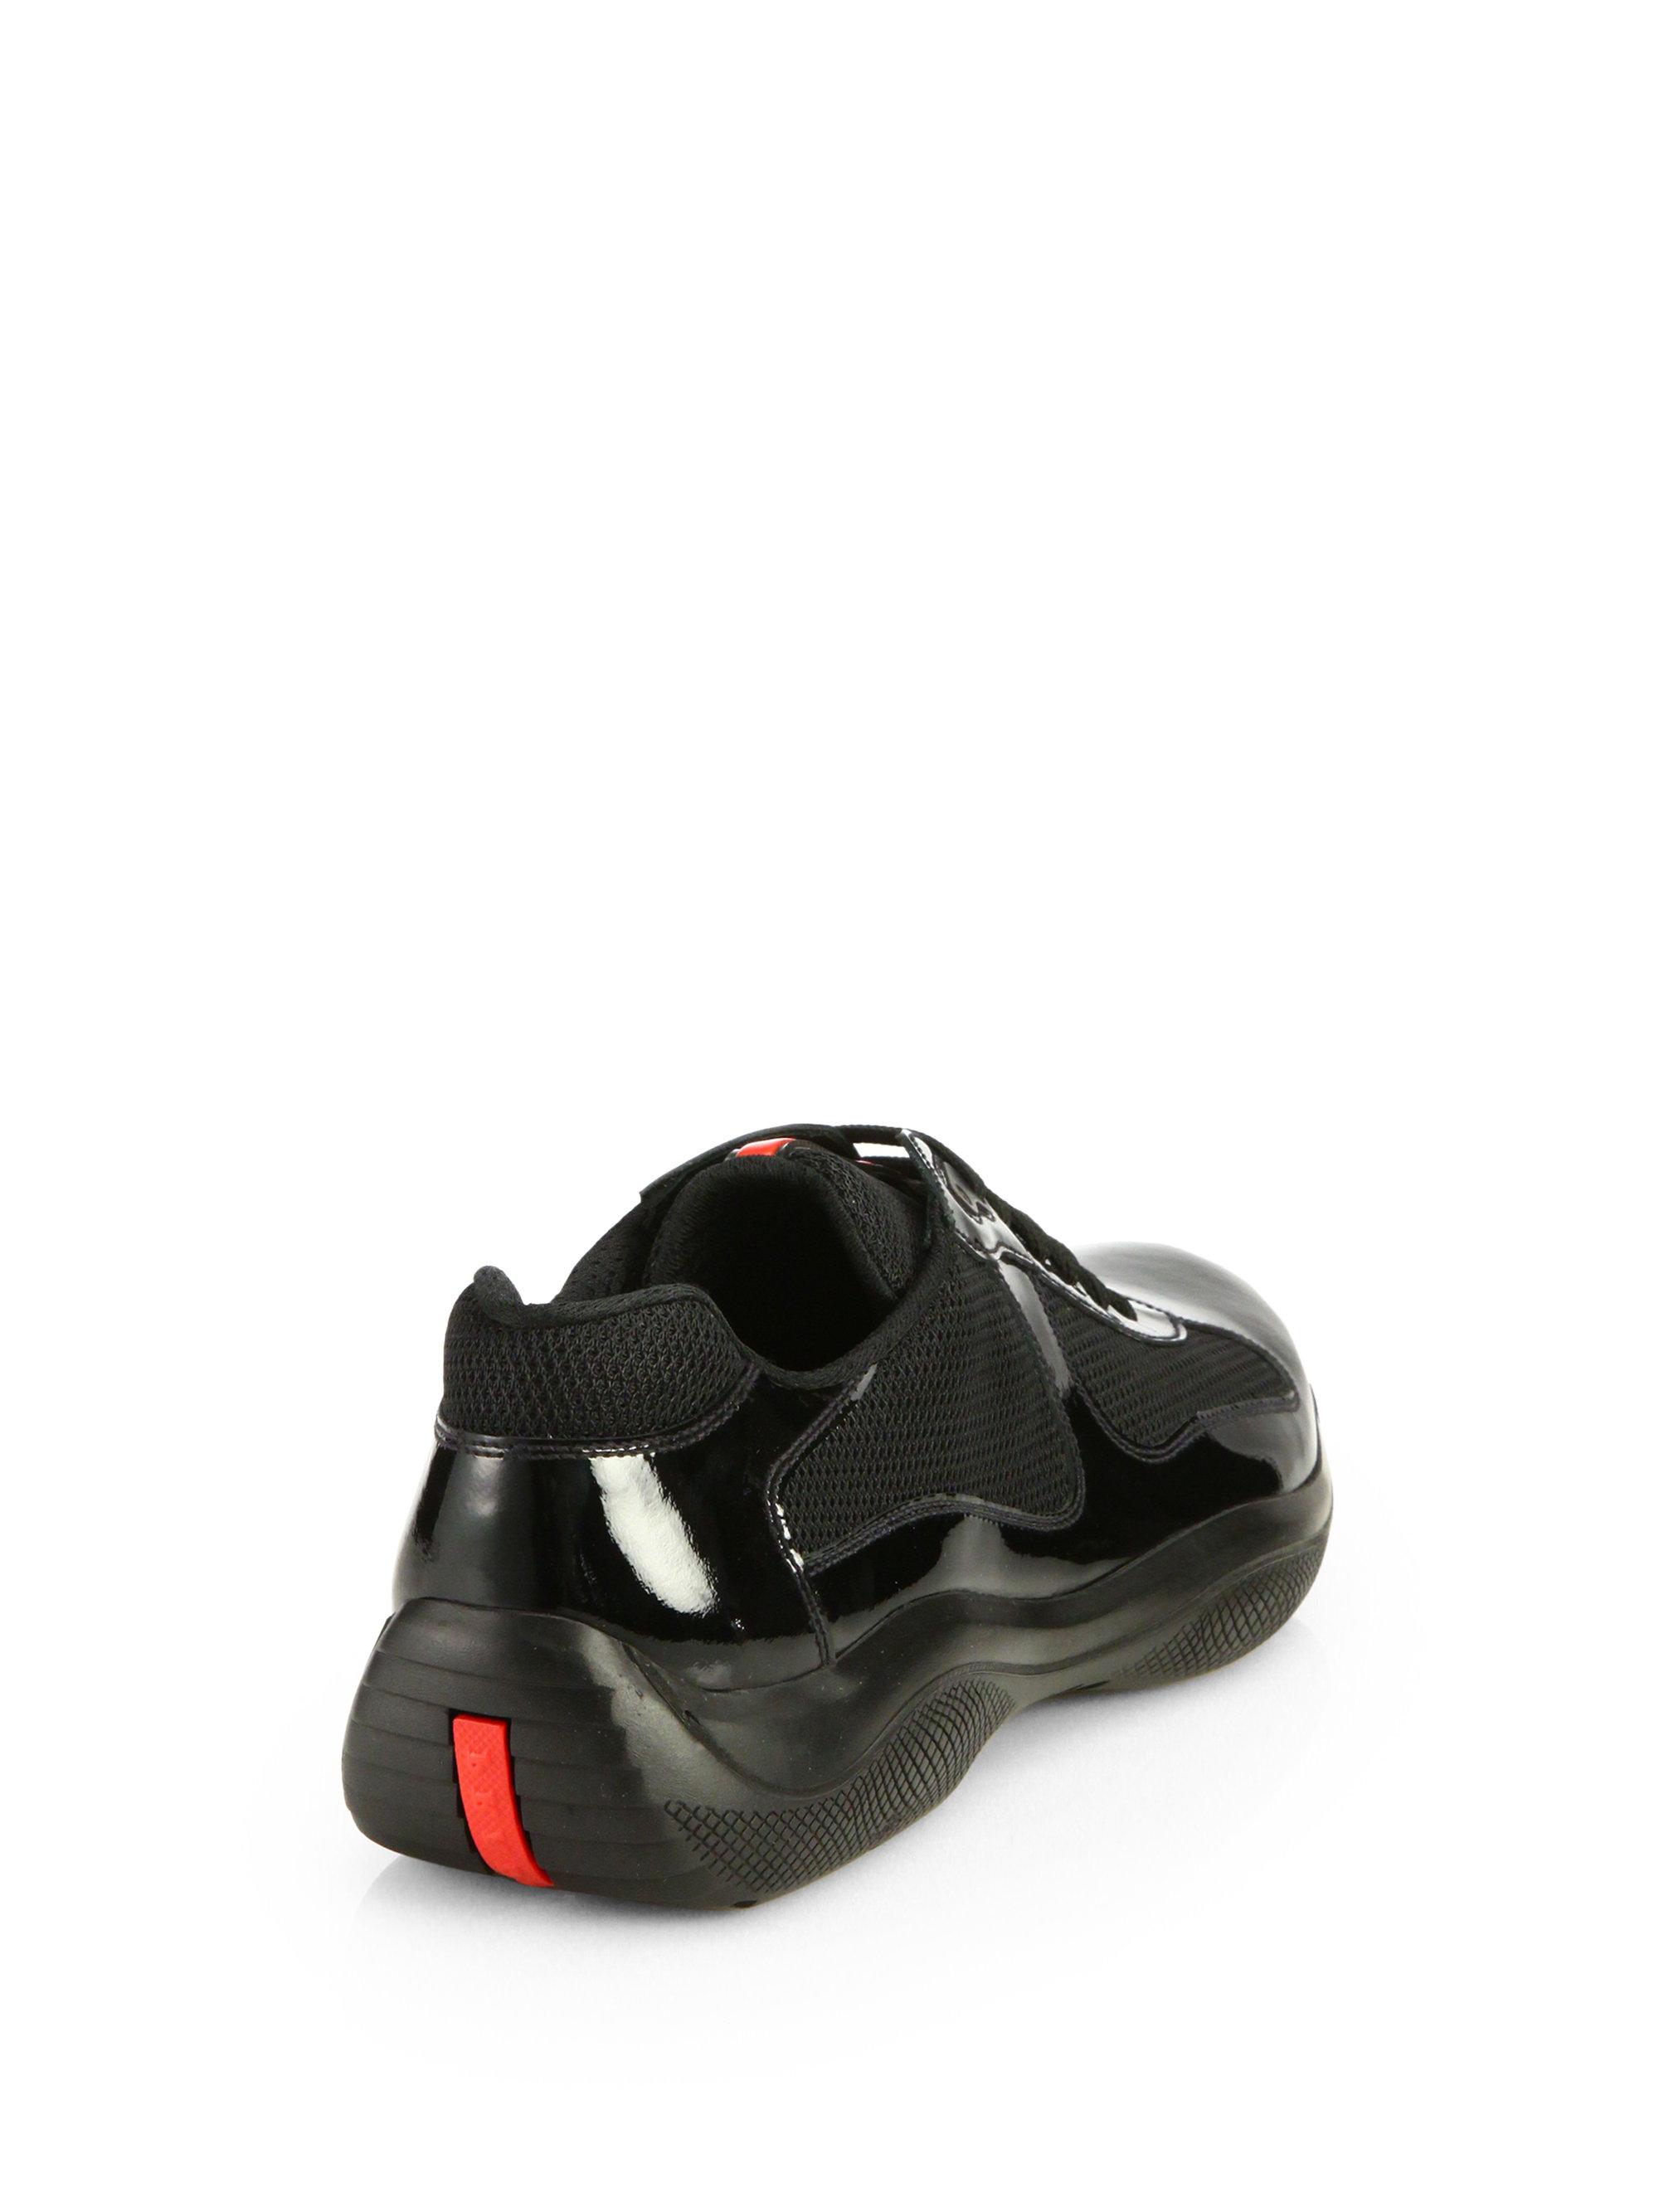 lyst prada patent americas cup sneakers in black for men